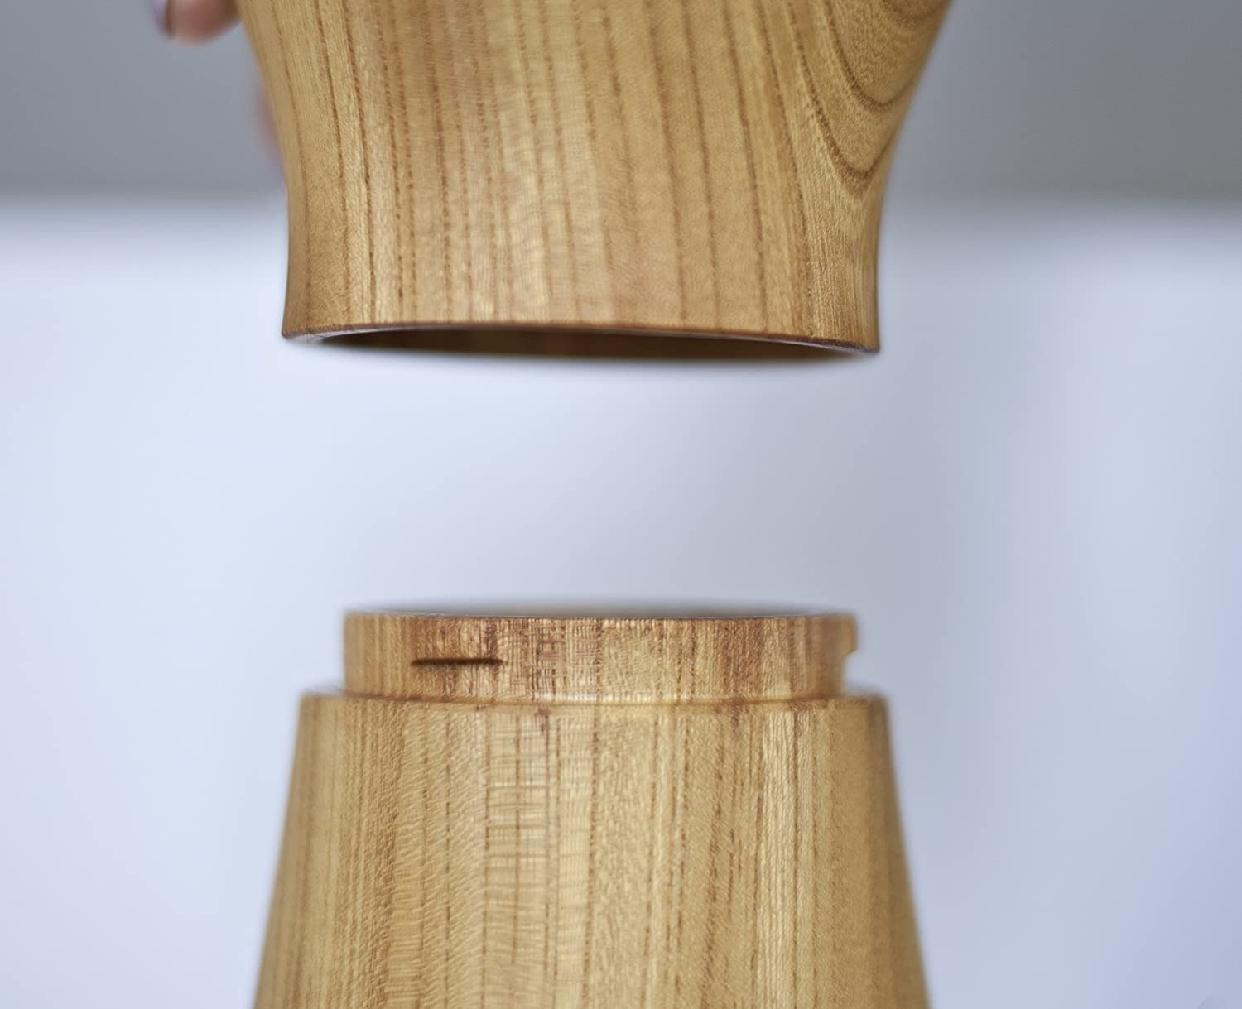 MokuNeji × Kalita(モクネジ × カリタ) コーヒーミルの商品画像5